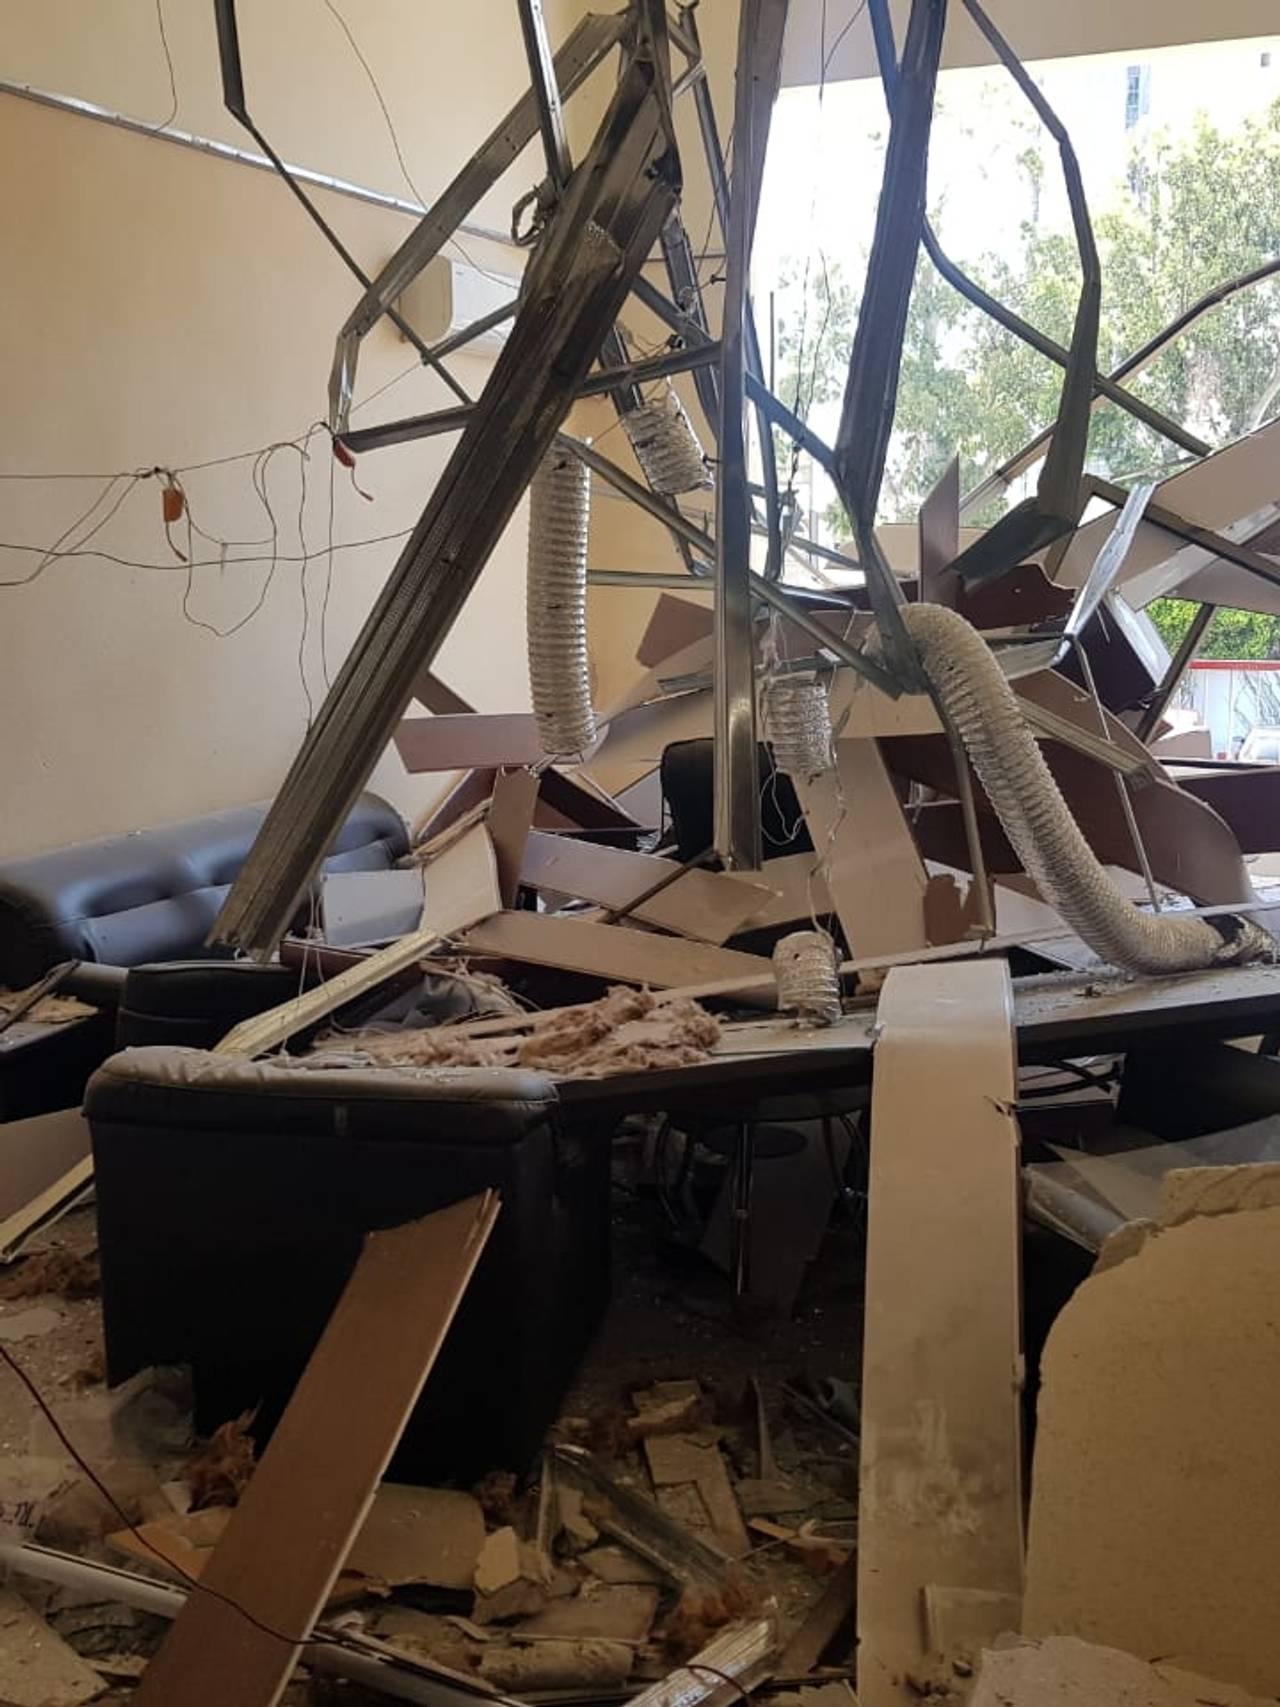 Brannstasjonen ved havna i Beirut er ødelagt